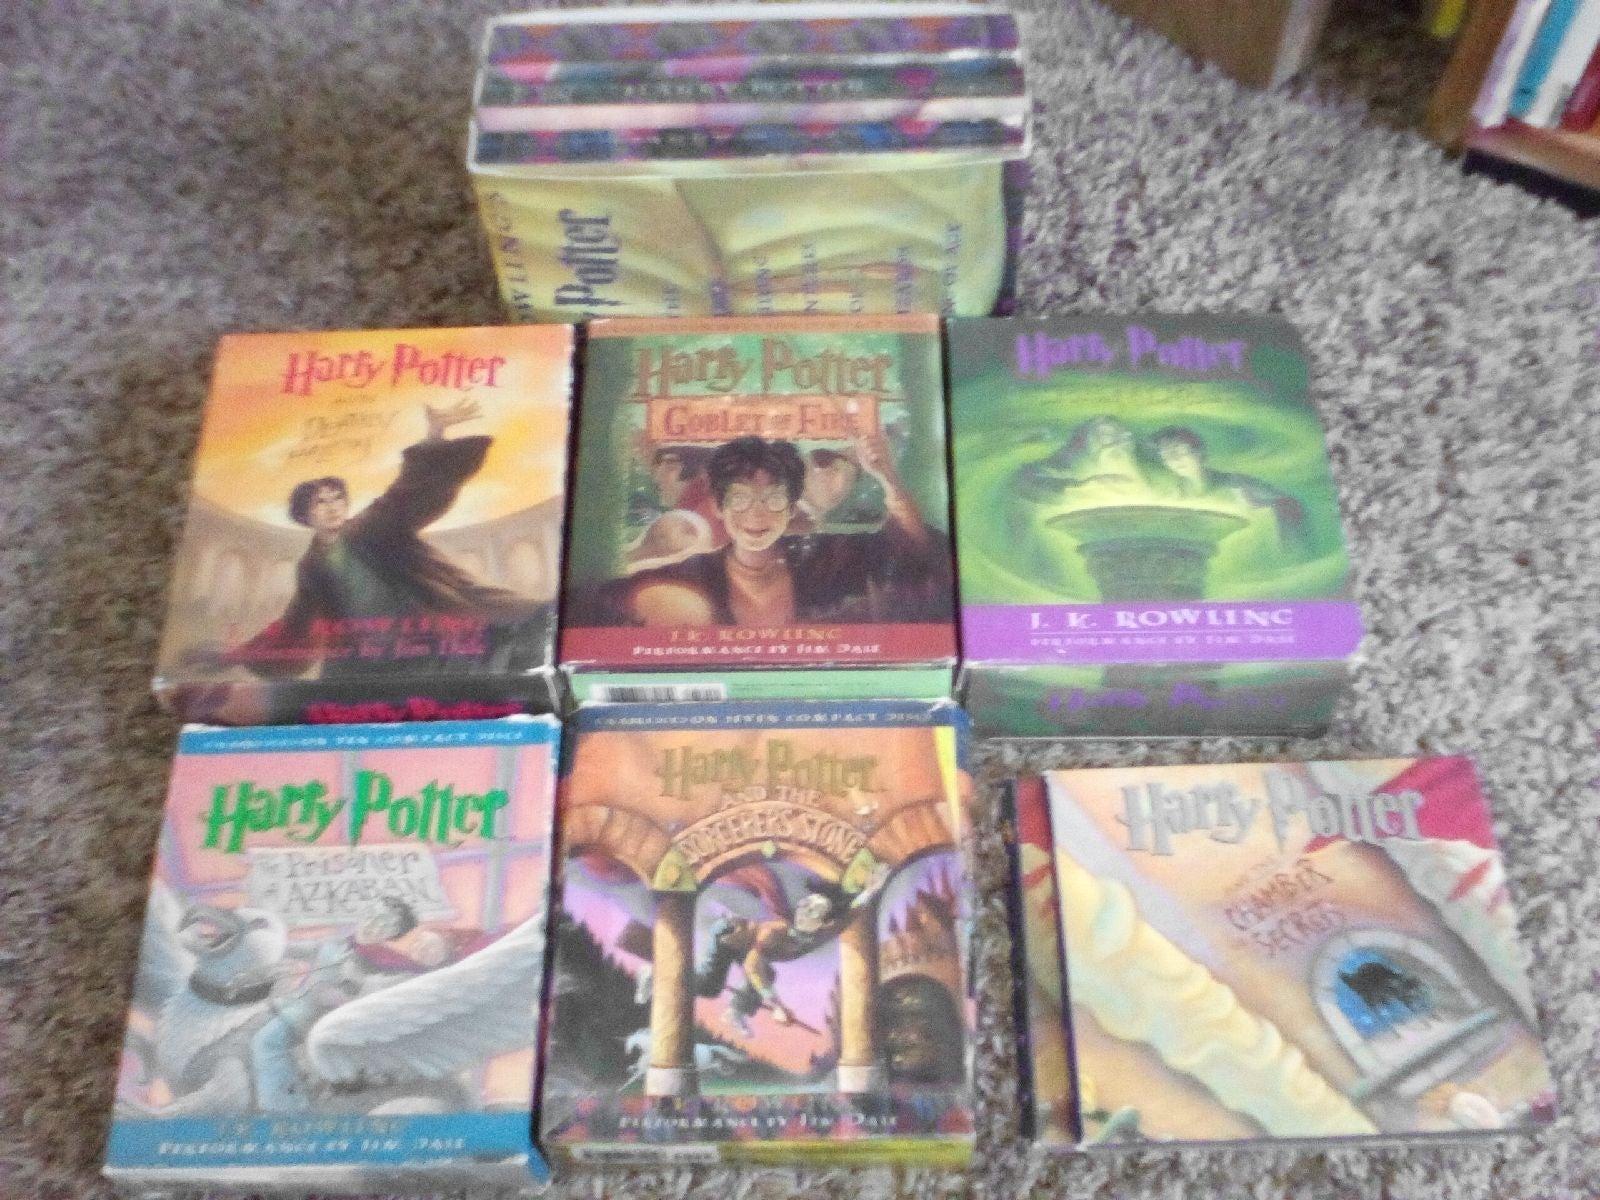 Harry Potter CD Audiobooks & Books